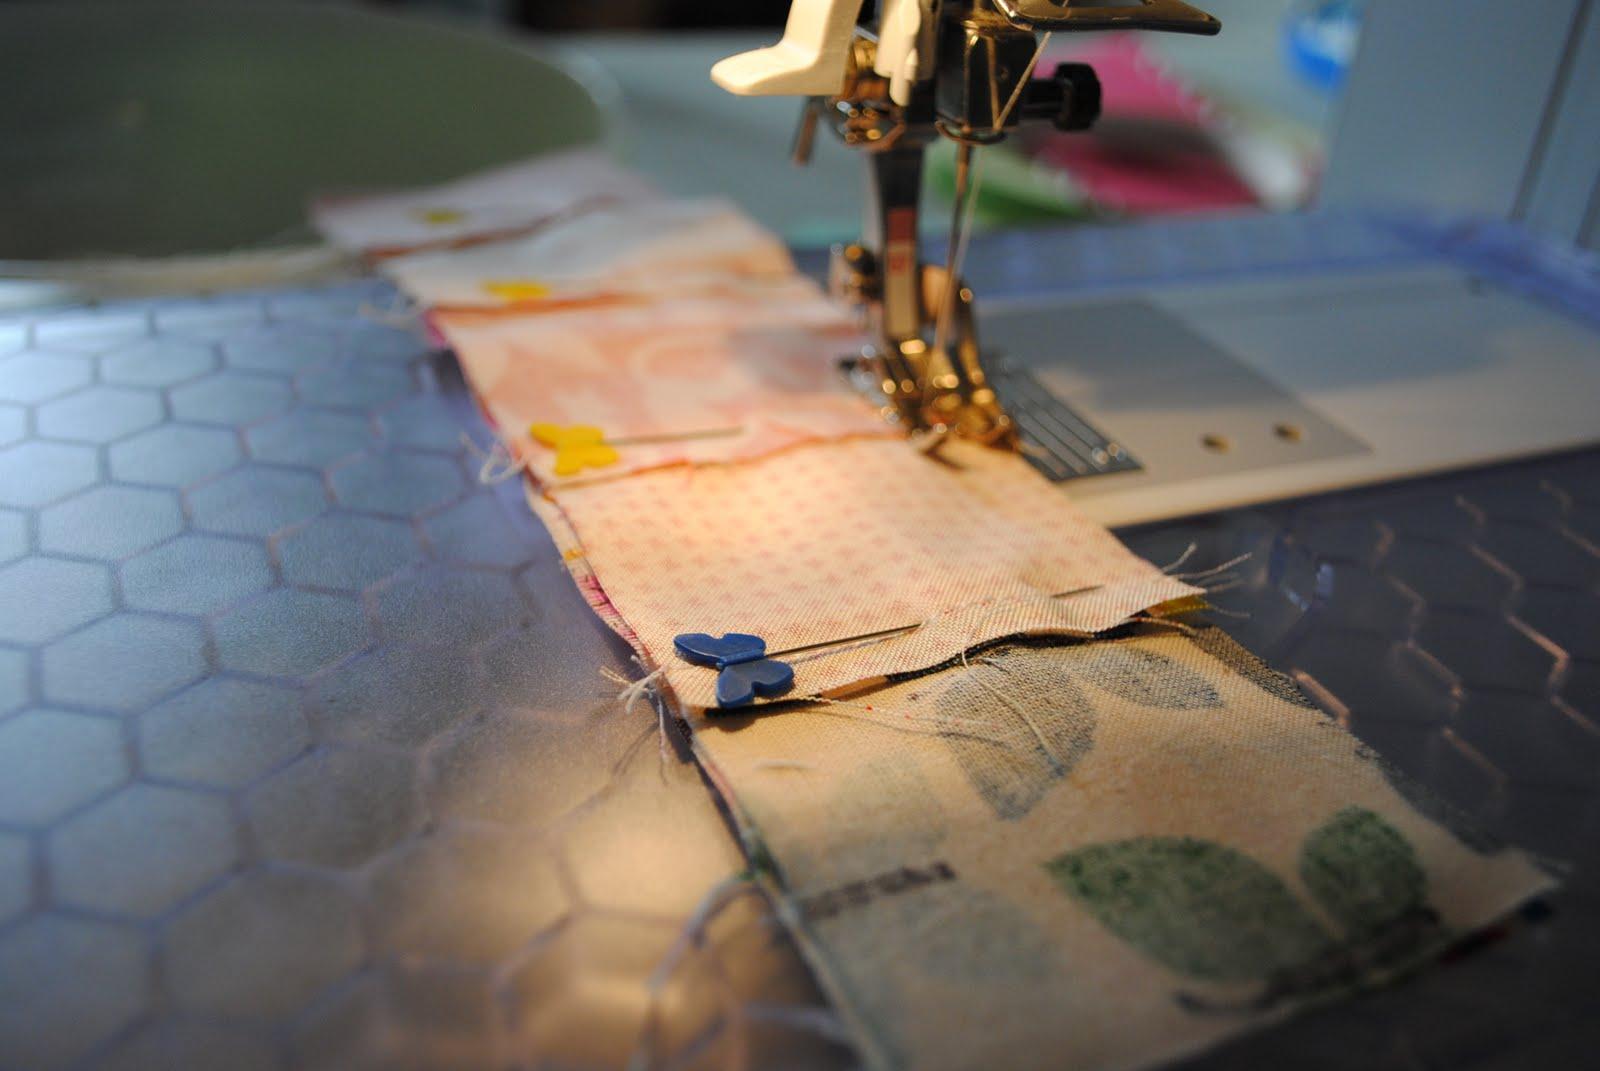 Tutorial: Passport organizer